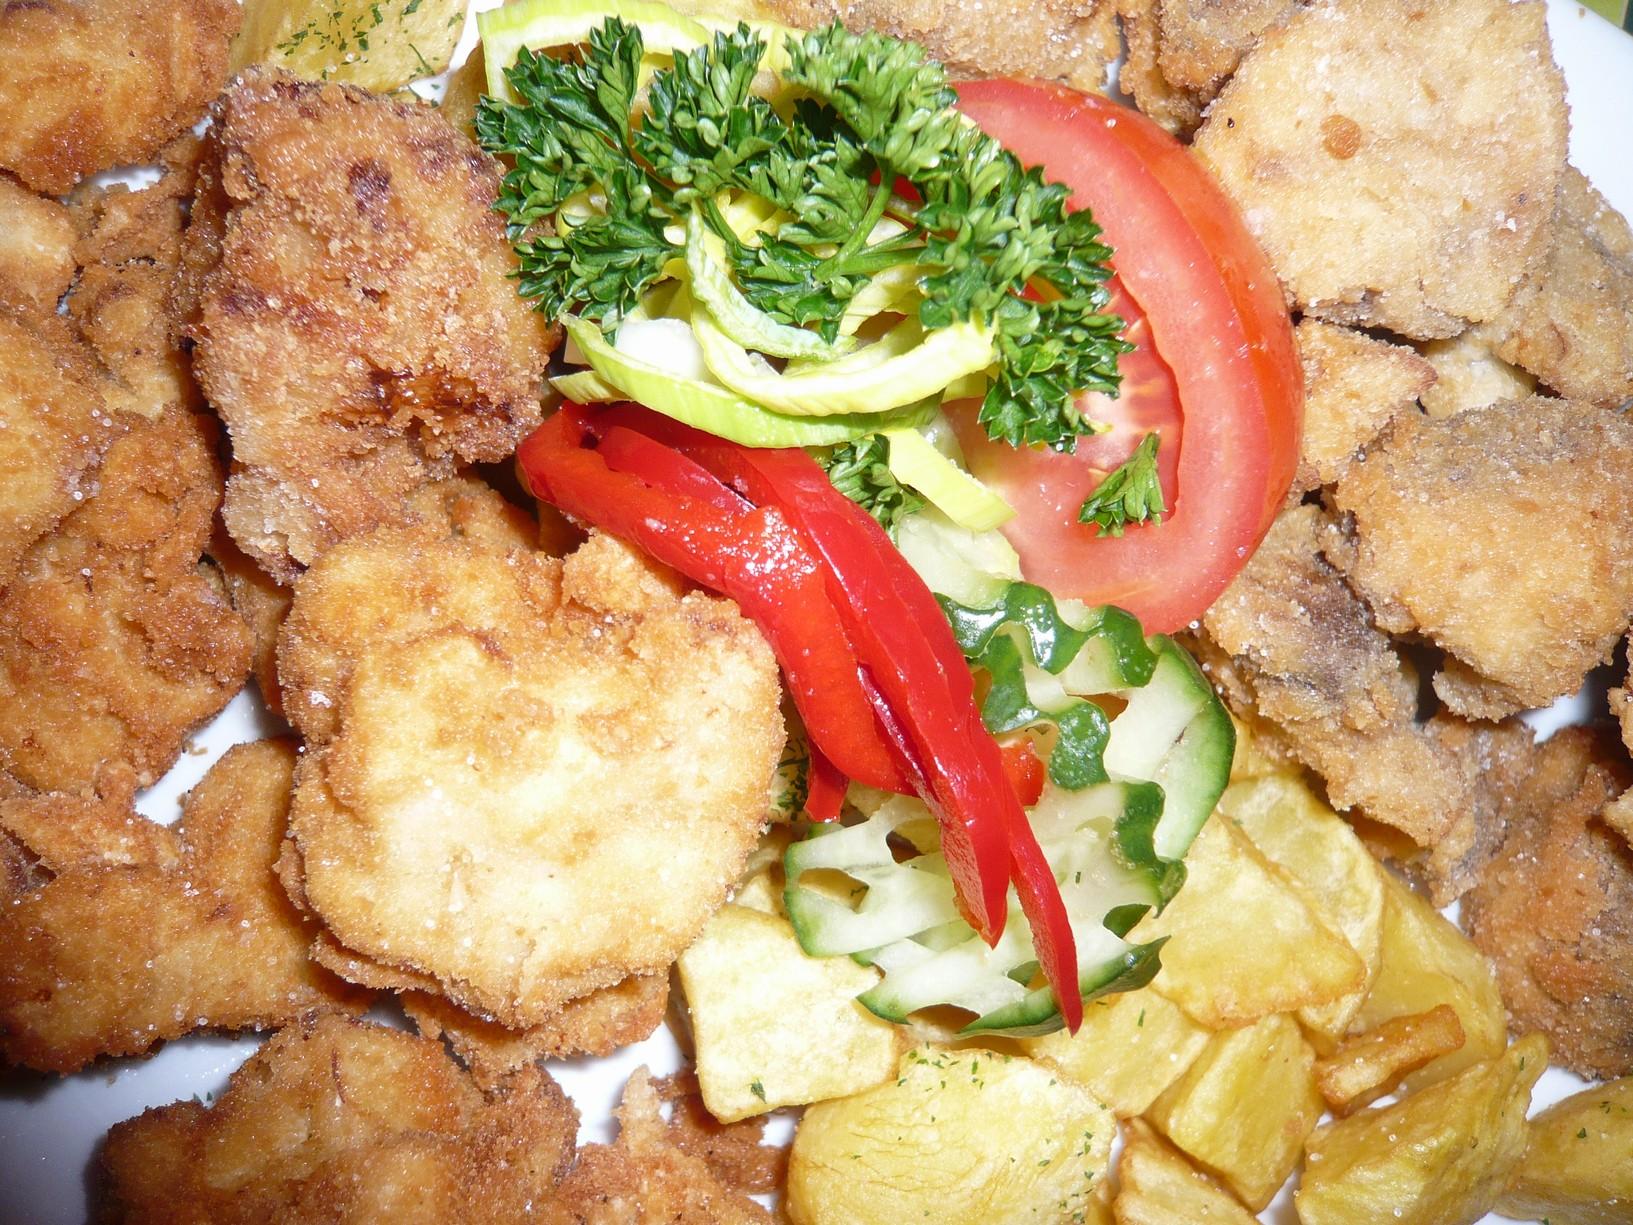 Recept Smažený květák - Smažený květák a žampiony a zeleninou.